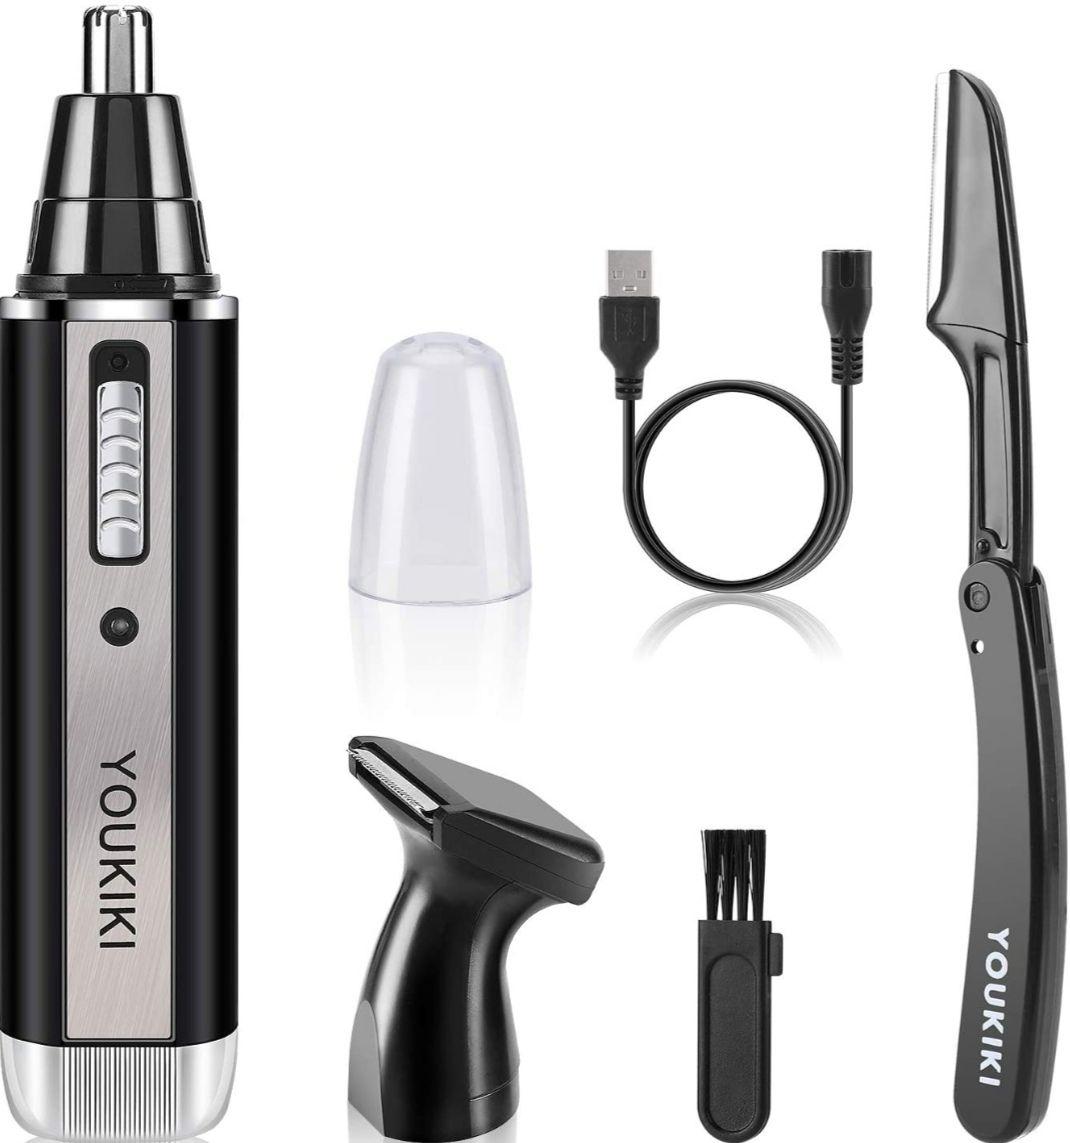 Cortapelos Nariz, Orejas, cejas, barba.. Con Cuchillas De Acero inoxidable + Accesorios. Carga USB